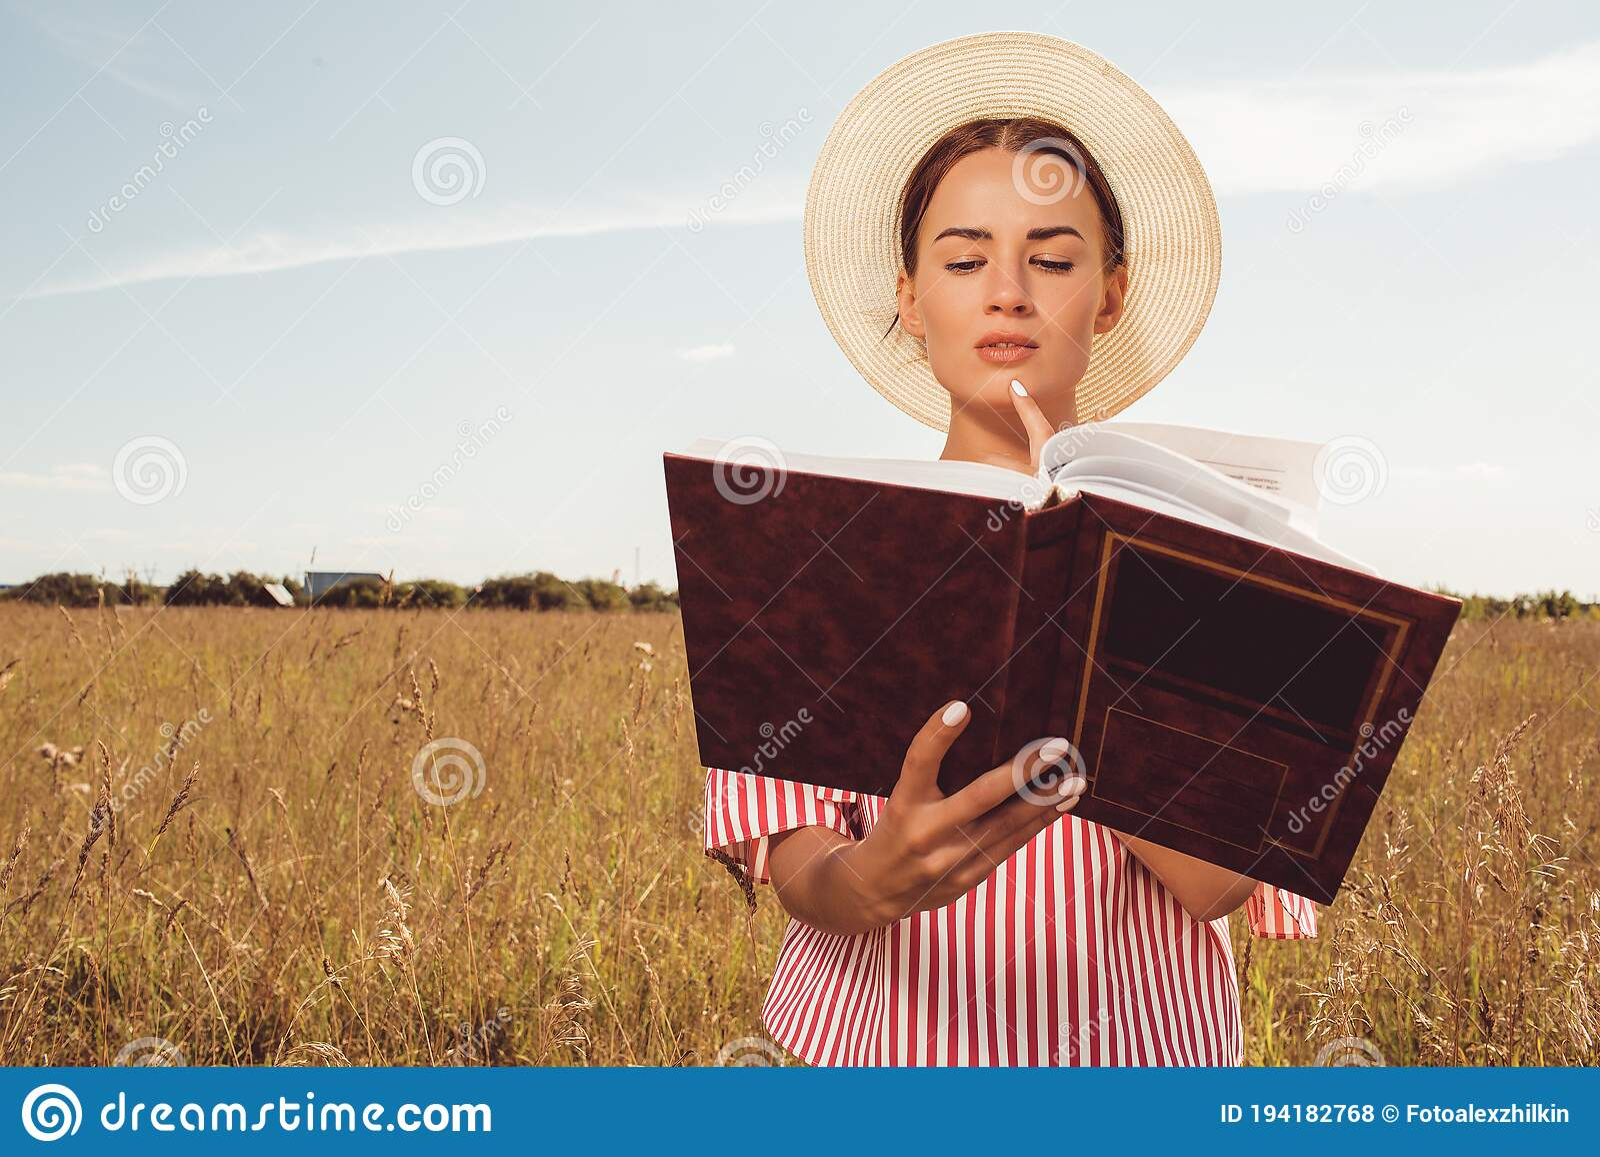 Retrato De Hermosa Chica Leyendo Un Libro En El Campo Foto De Archivo Imagen De Hermoso Universidad 194182768